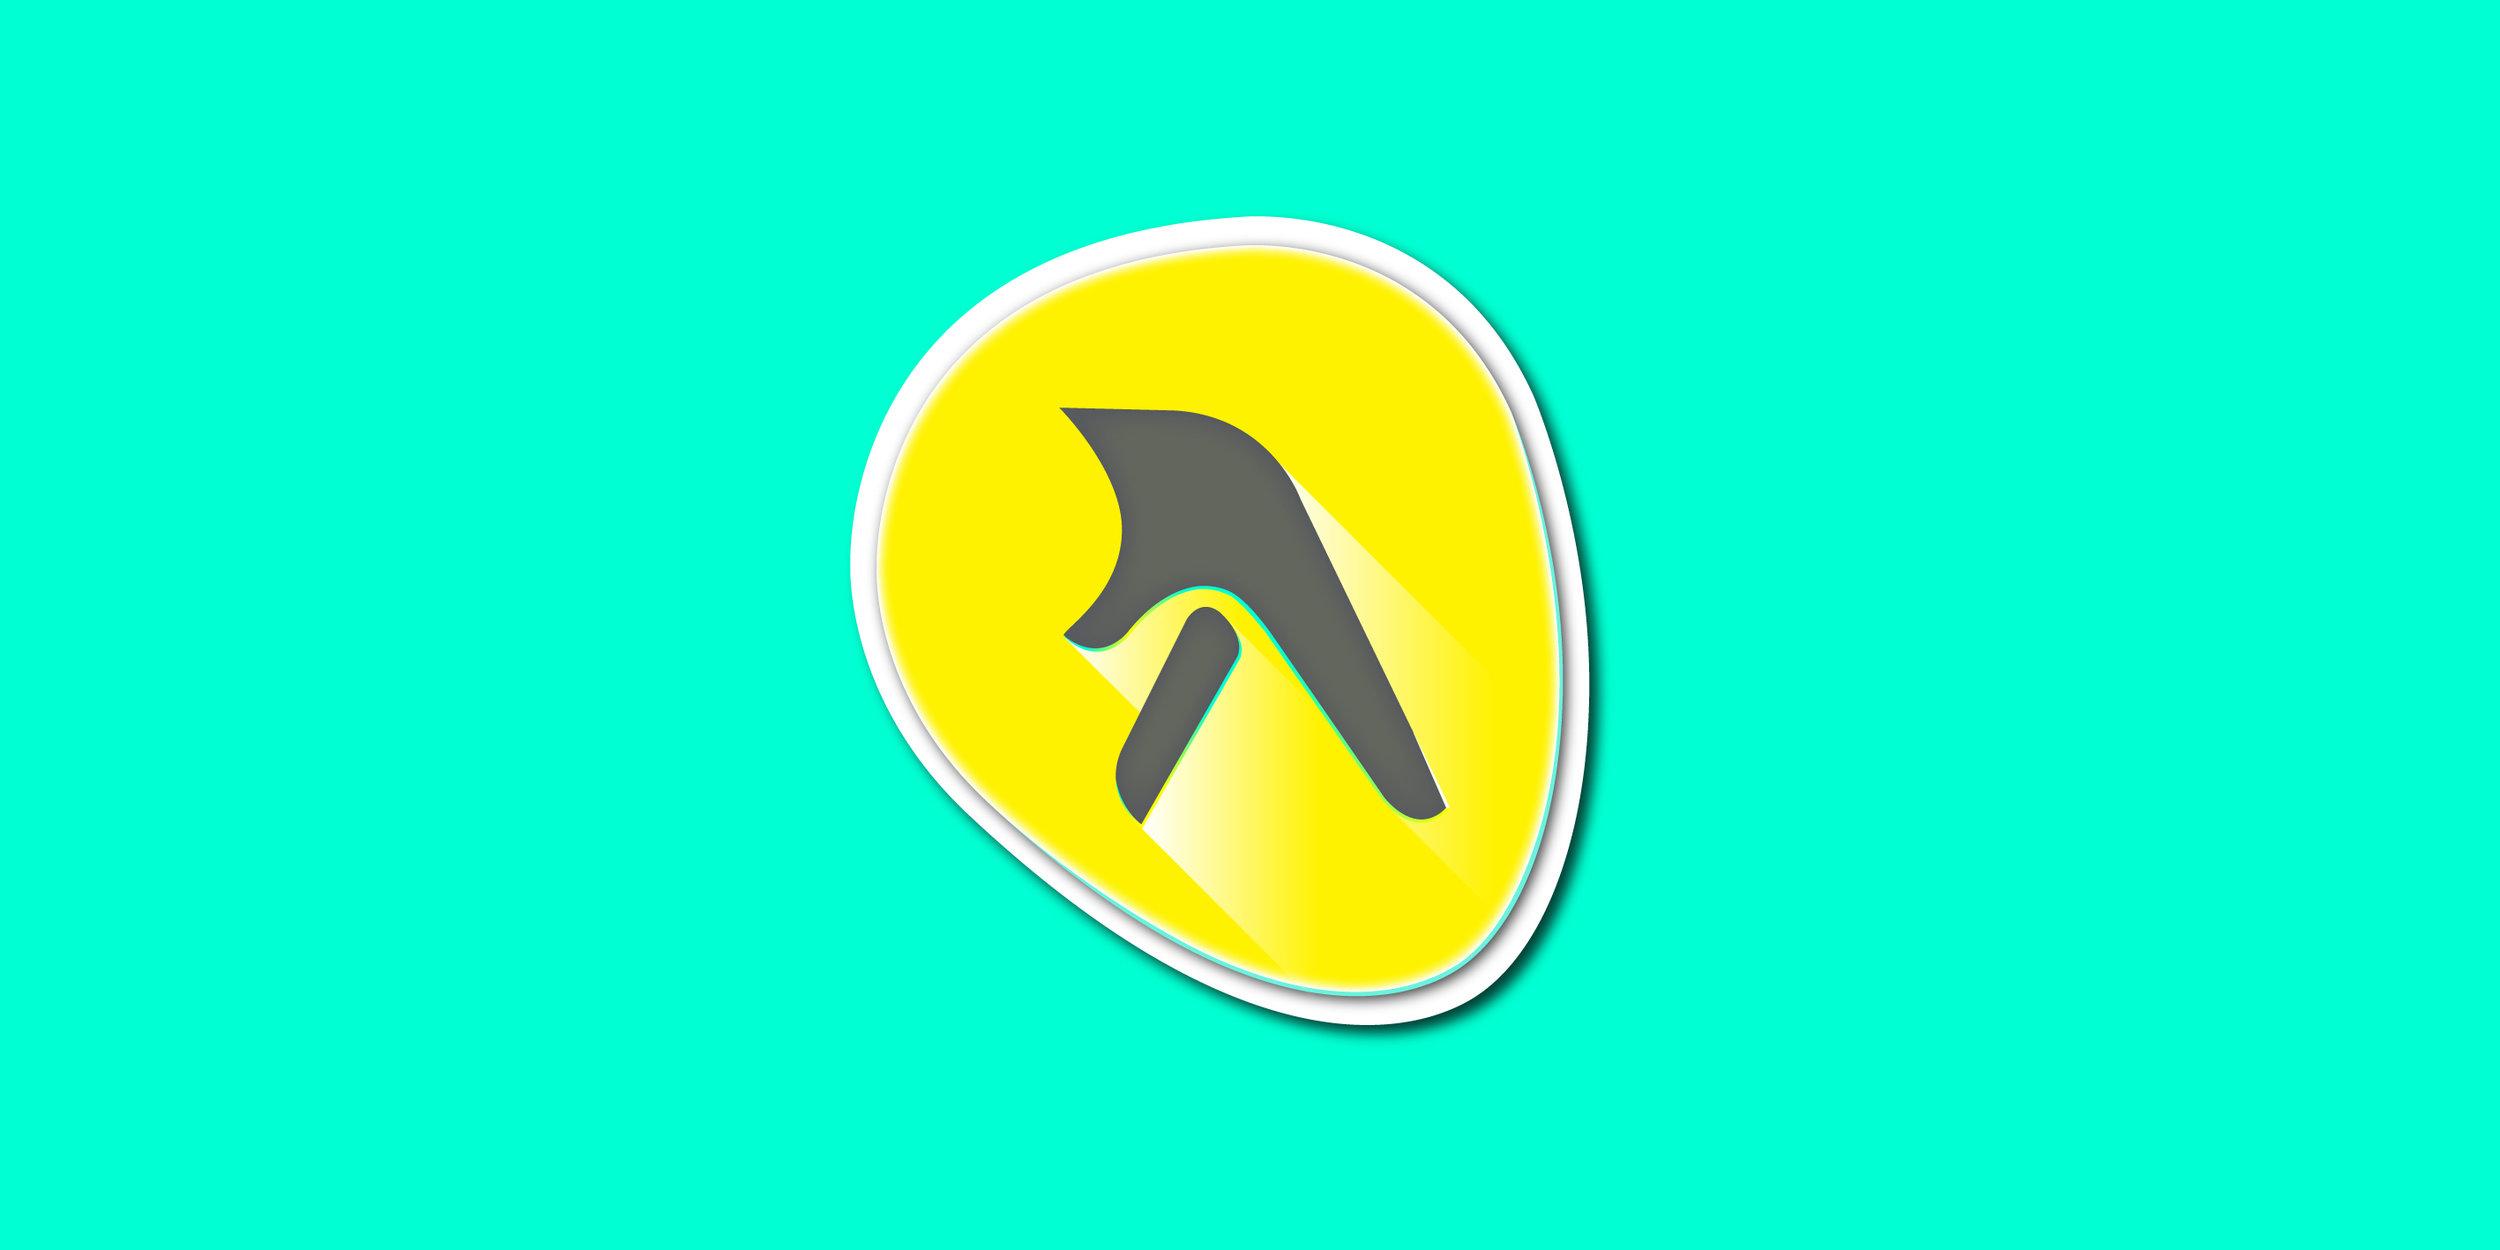 YP-Redeign-logo.jpg